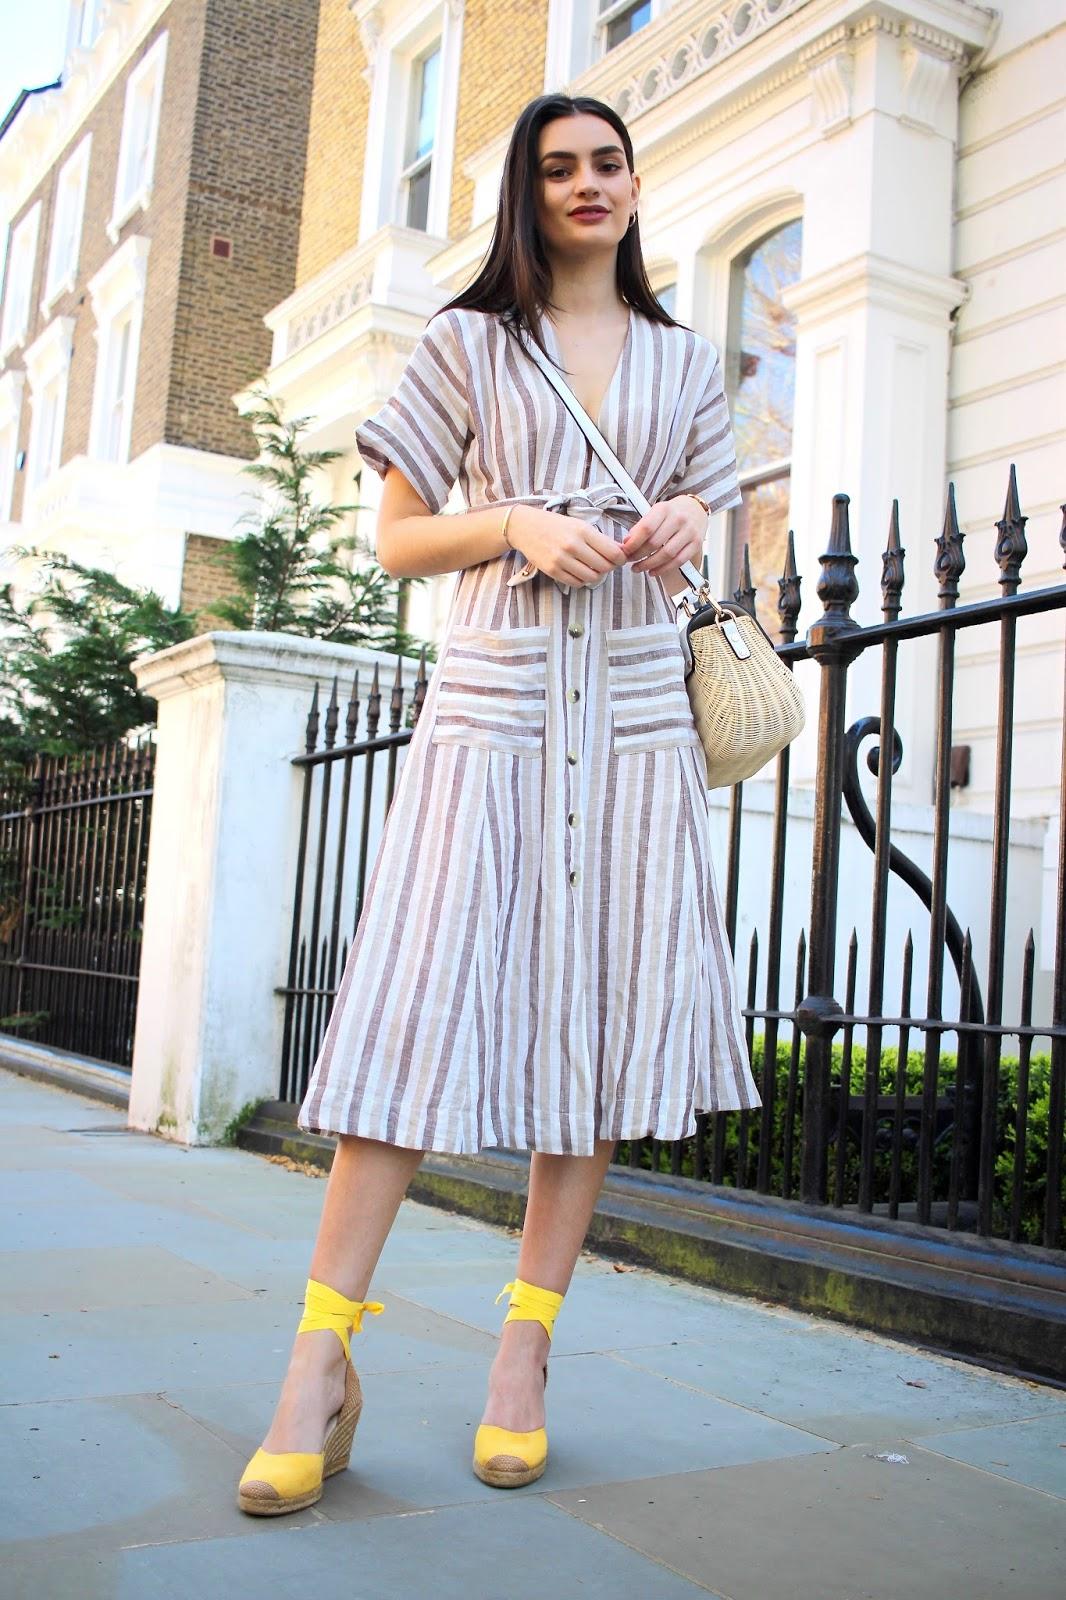 fashion blog peexo